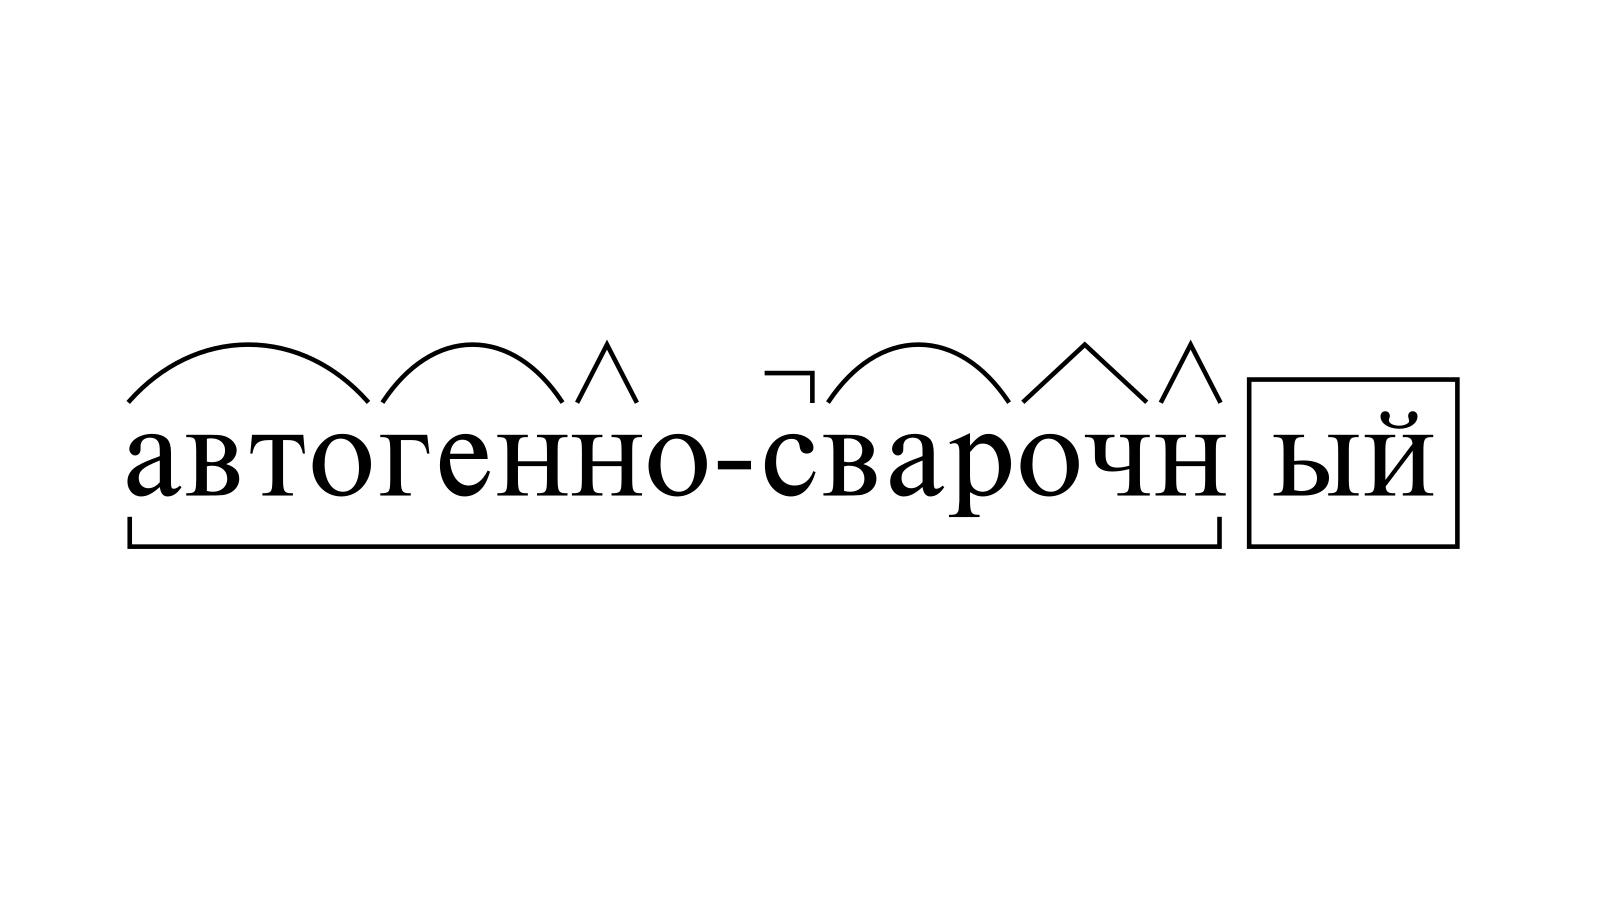 Разбор слова «автогенно-сварочный» по составу